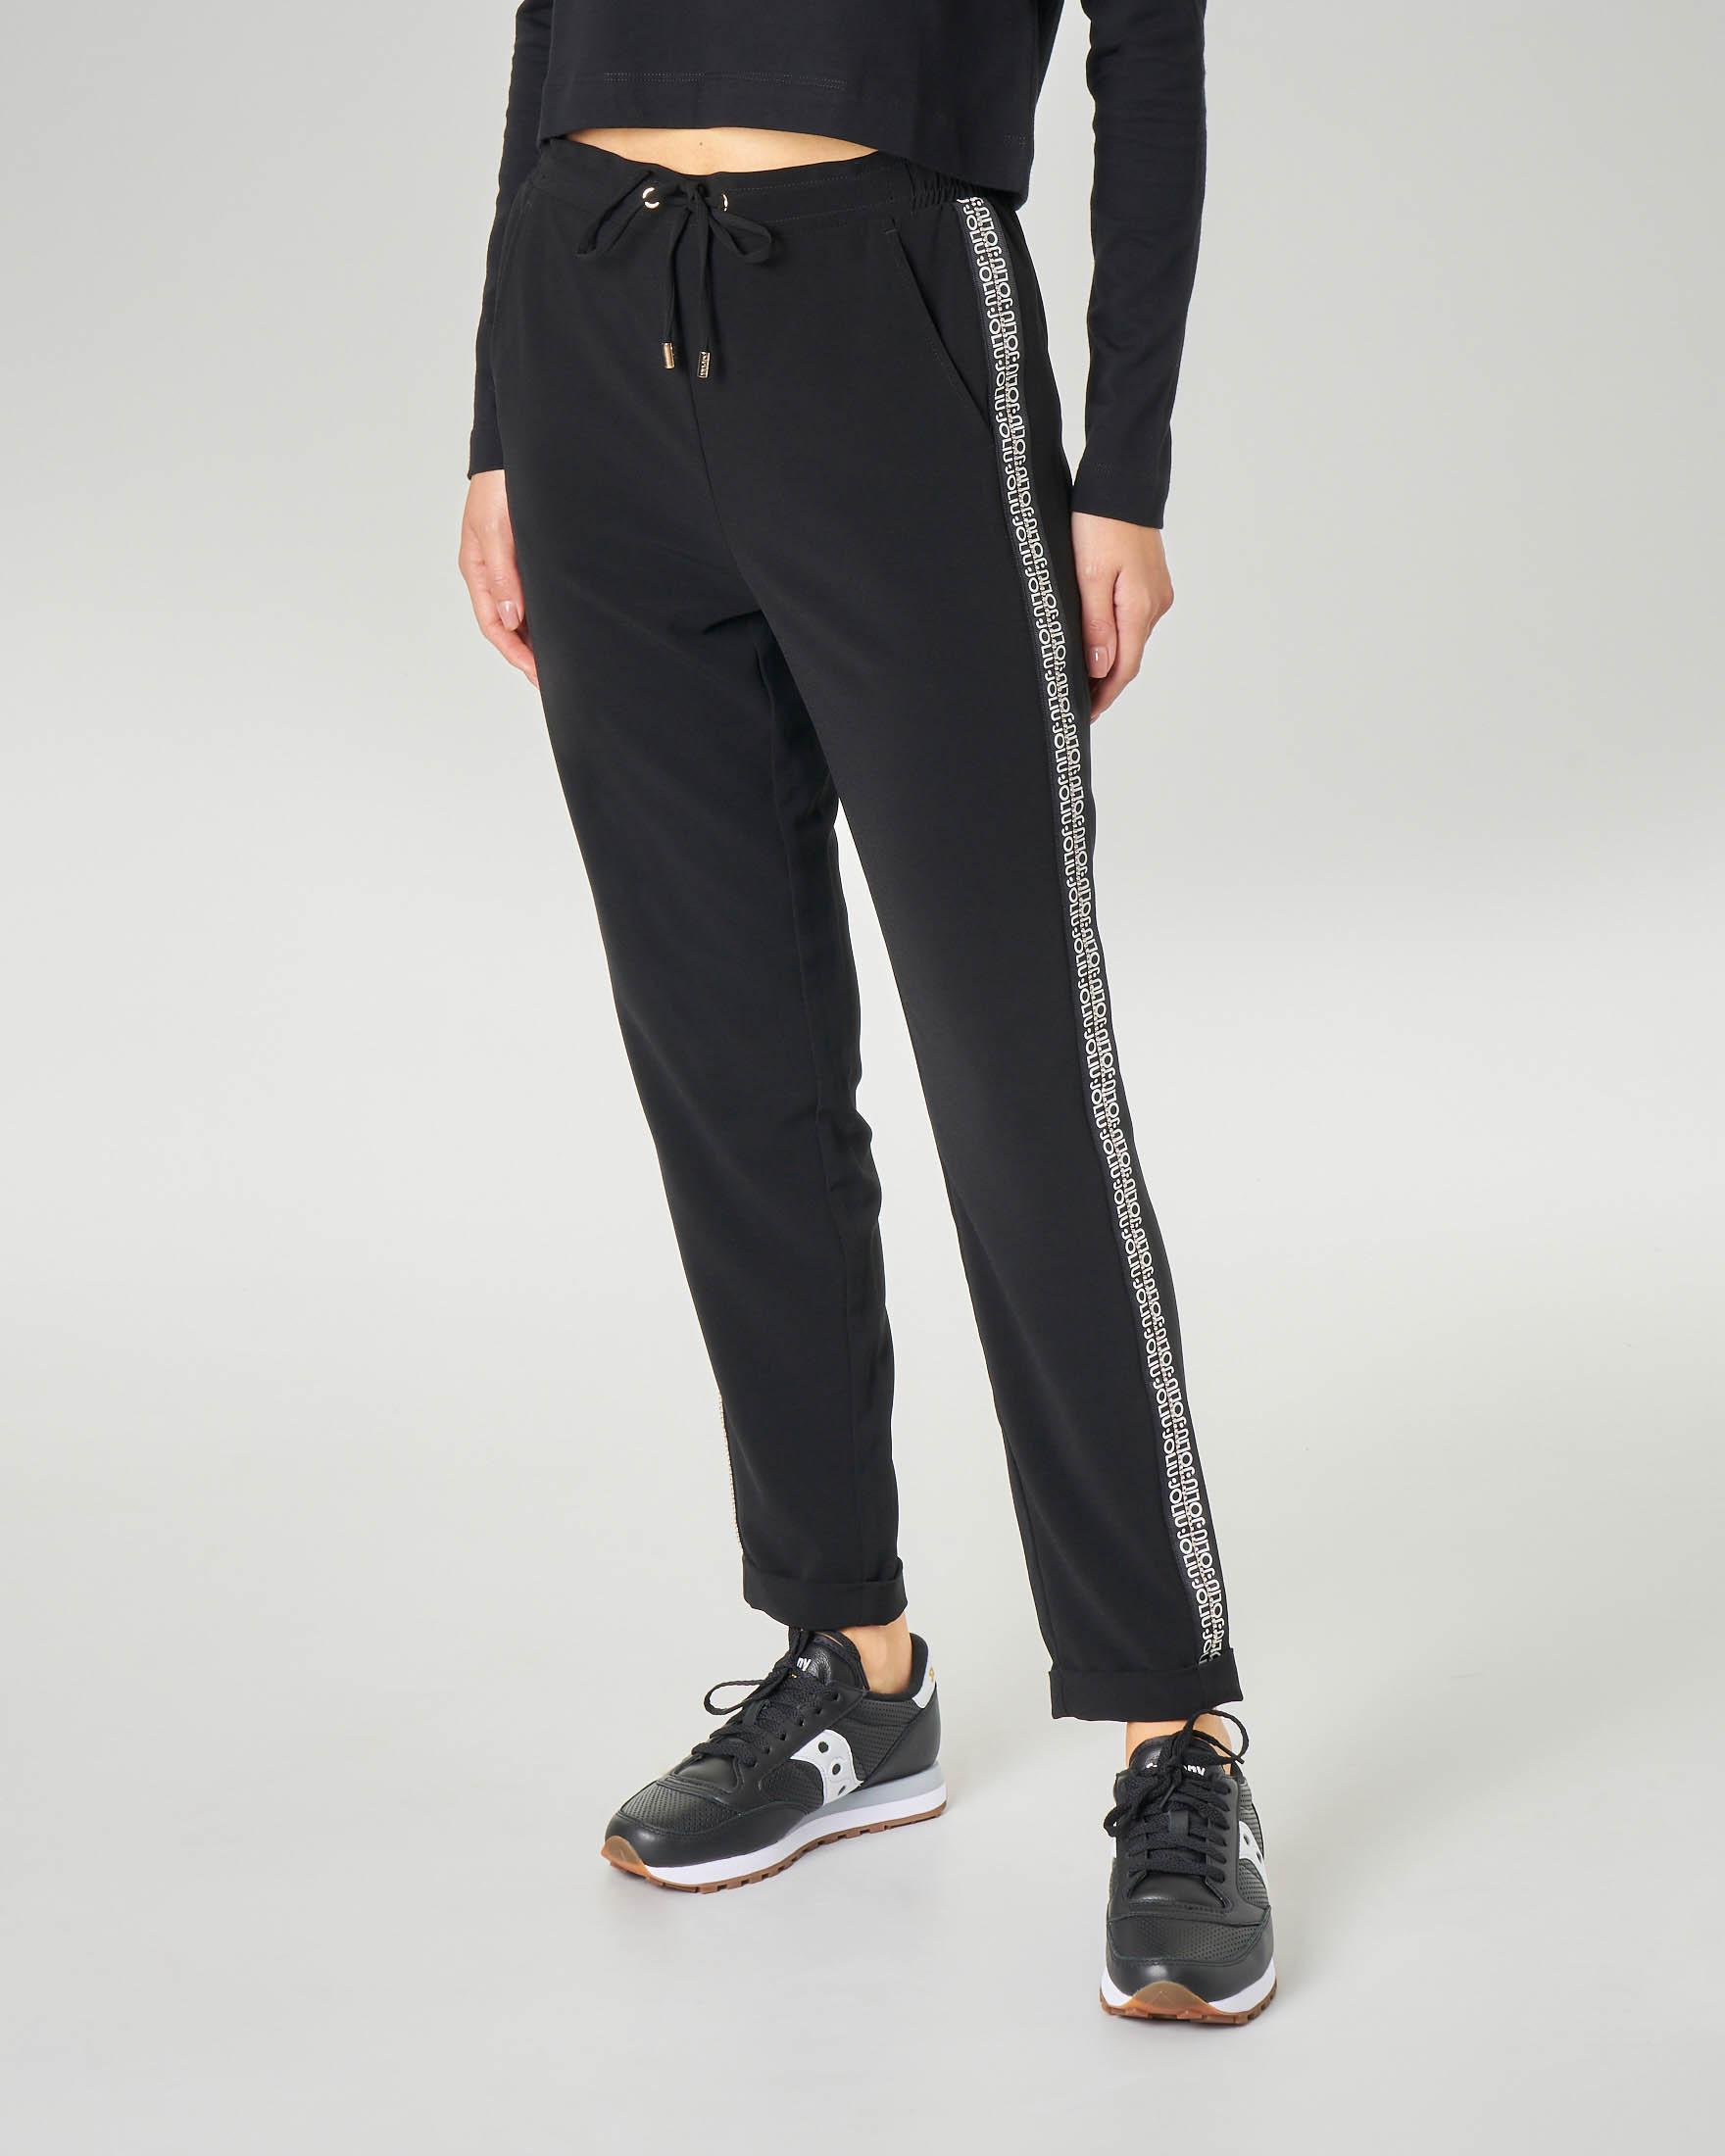 Pantaloni neri con bande laterali con doppia scritta logo a contrasto